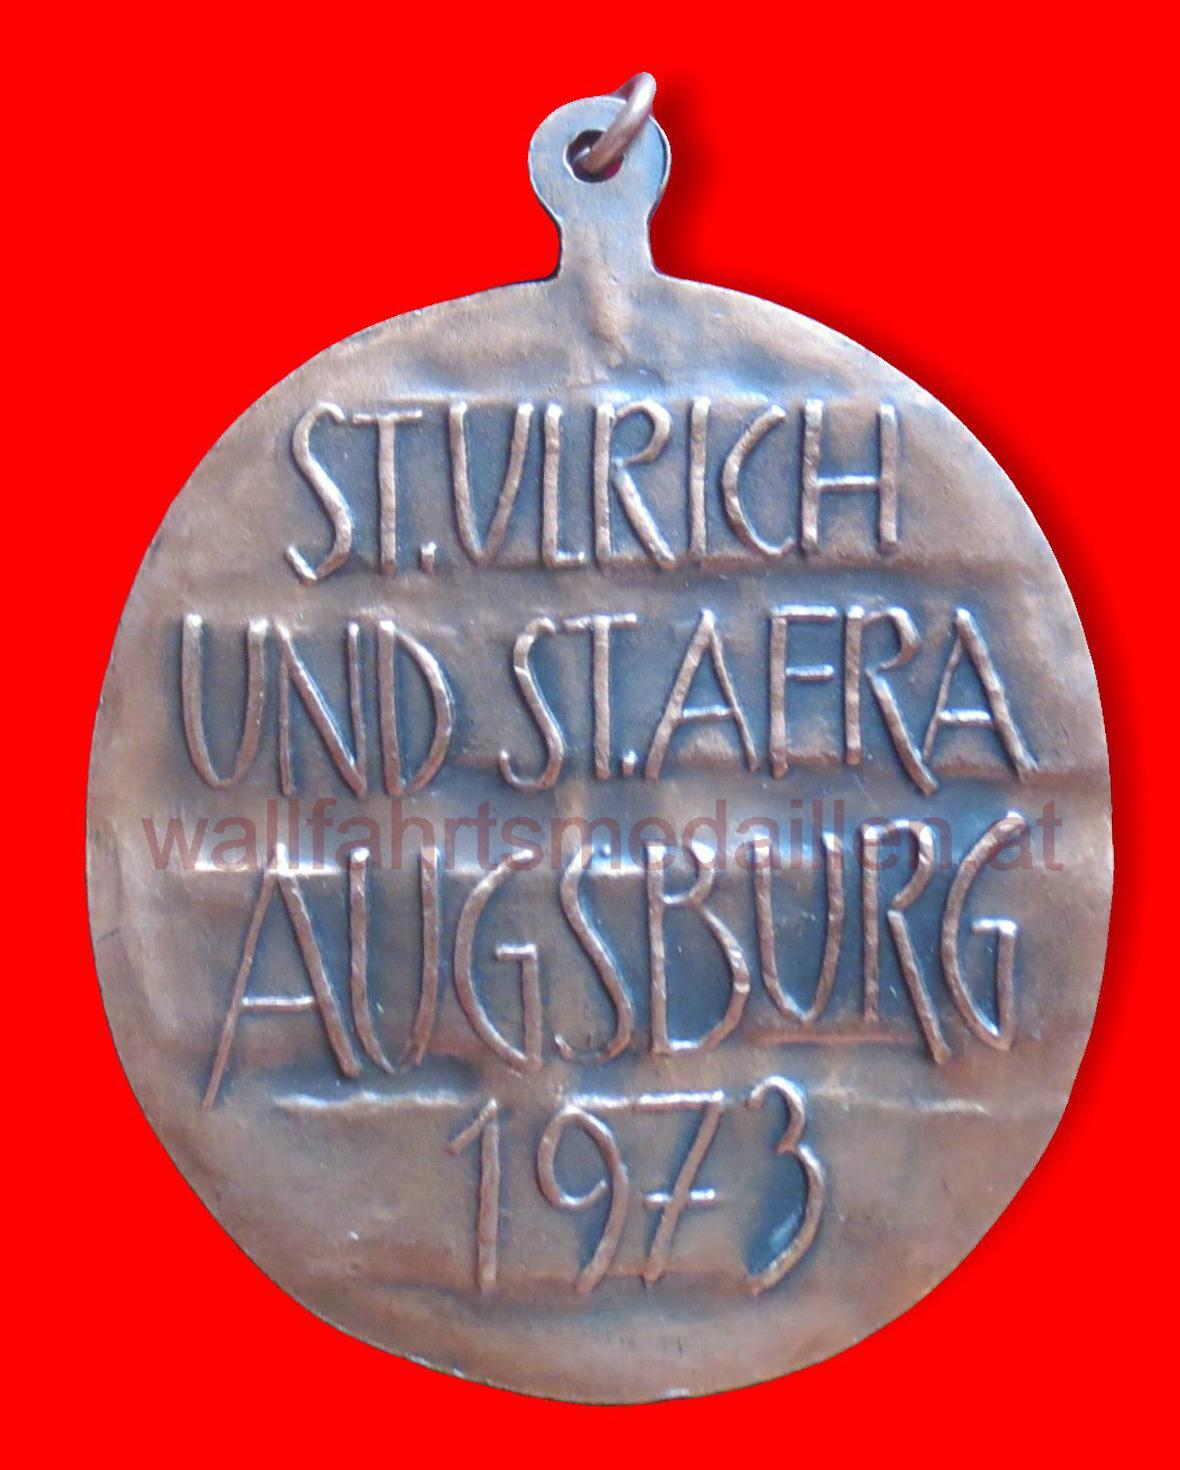 Wallfahrt St. Ulrich und Afra